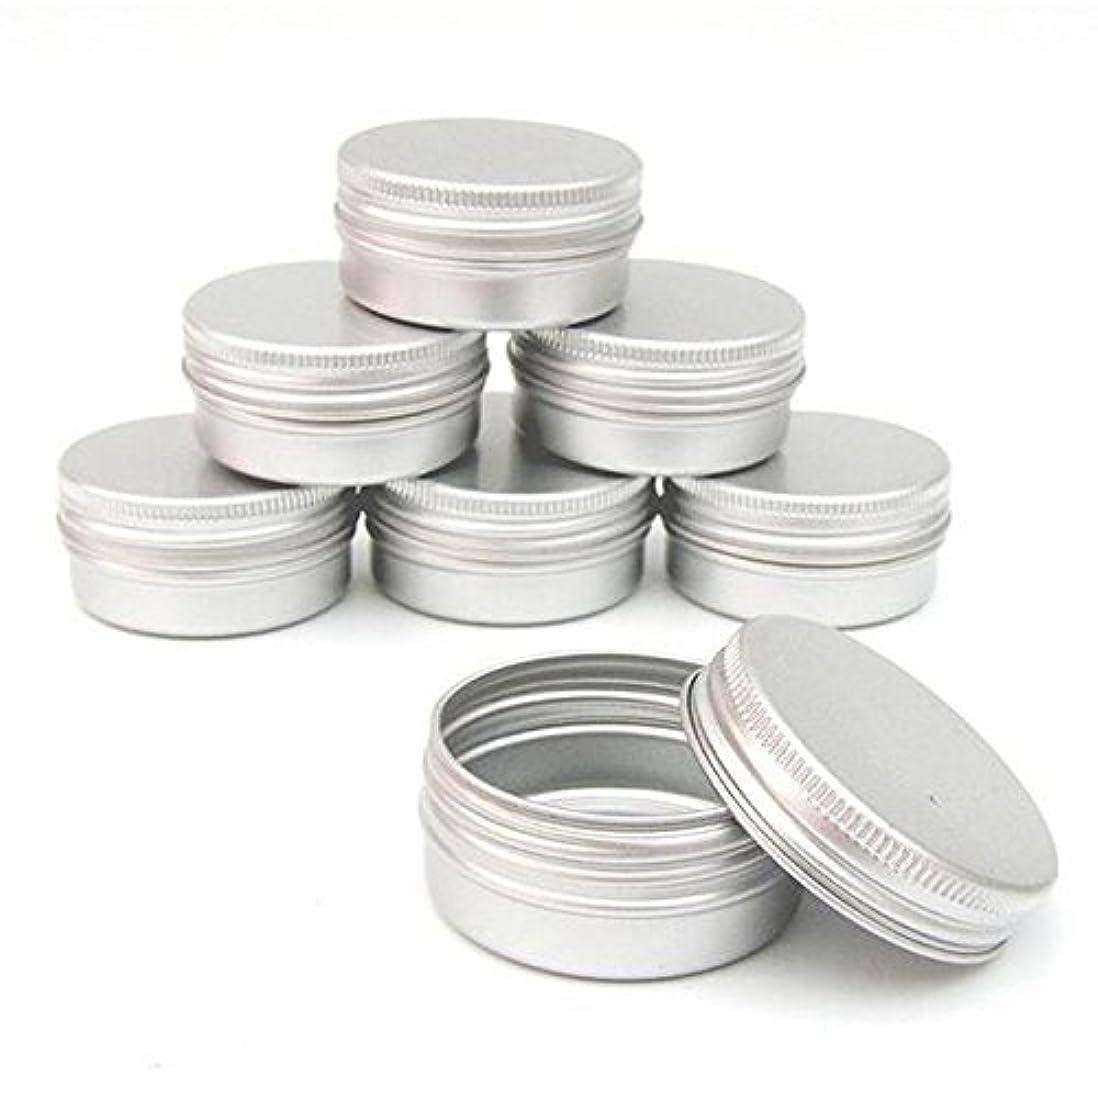 汗大学賛美歌Nrpfell 10個 ネイルアート/コスメティッククリームのパック DIYのポットリップジャーティンケース/コンテナス/クリュー容器(空) DIYの化粧品/美容製品に適合します。(30ml)